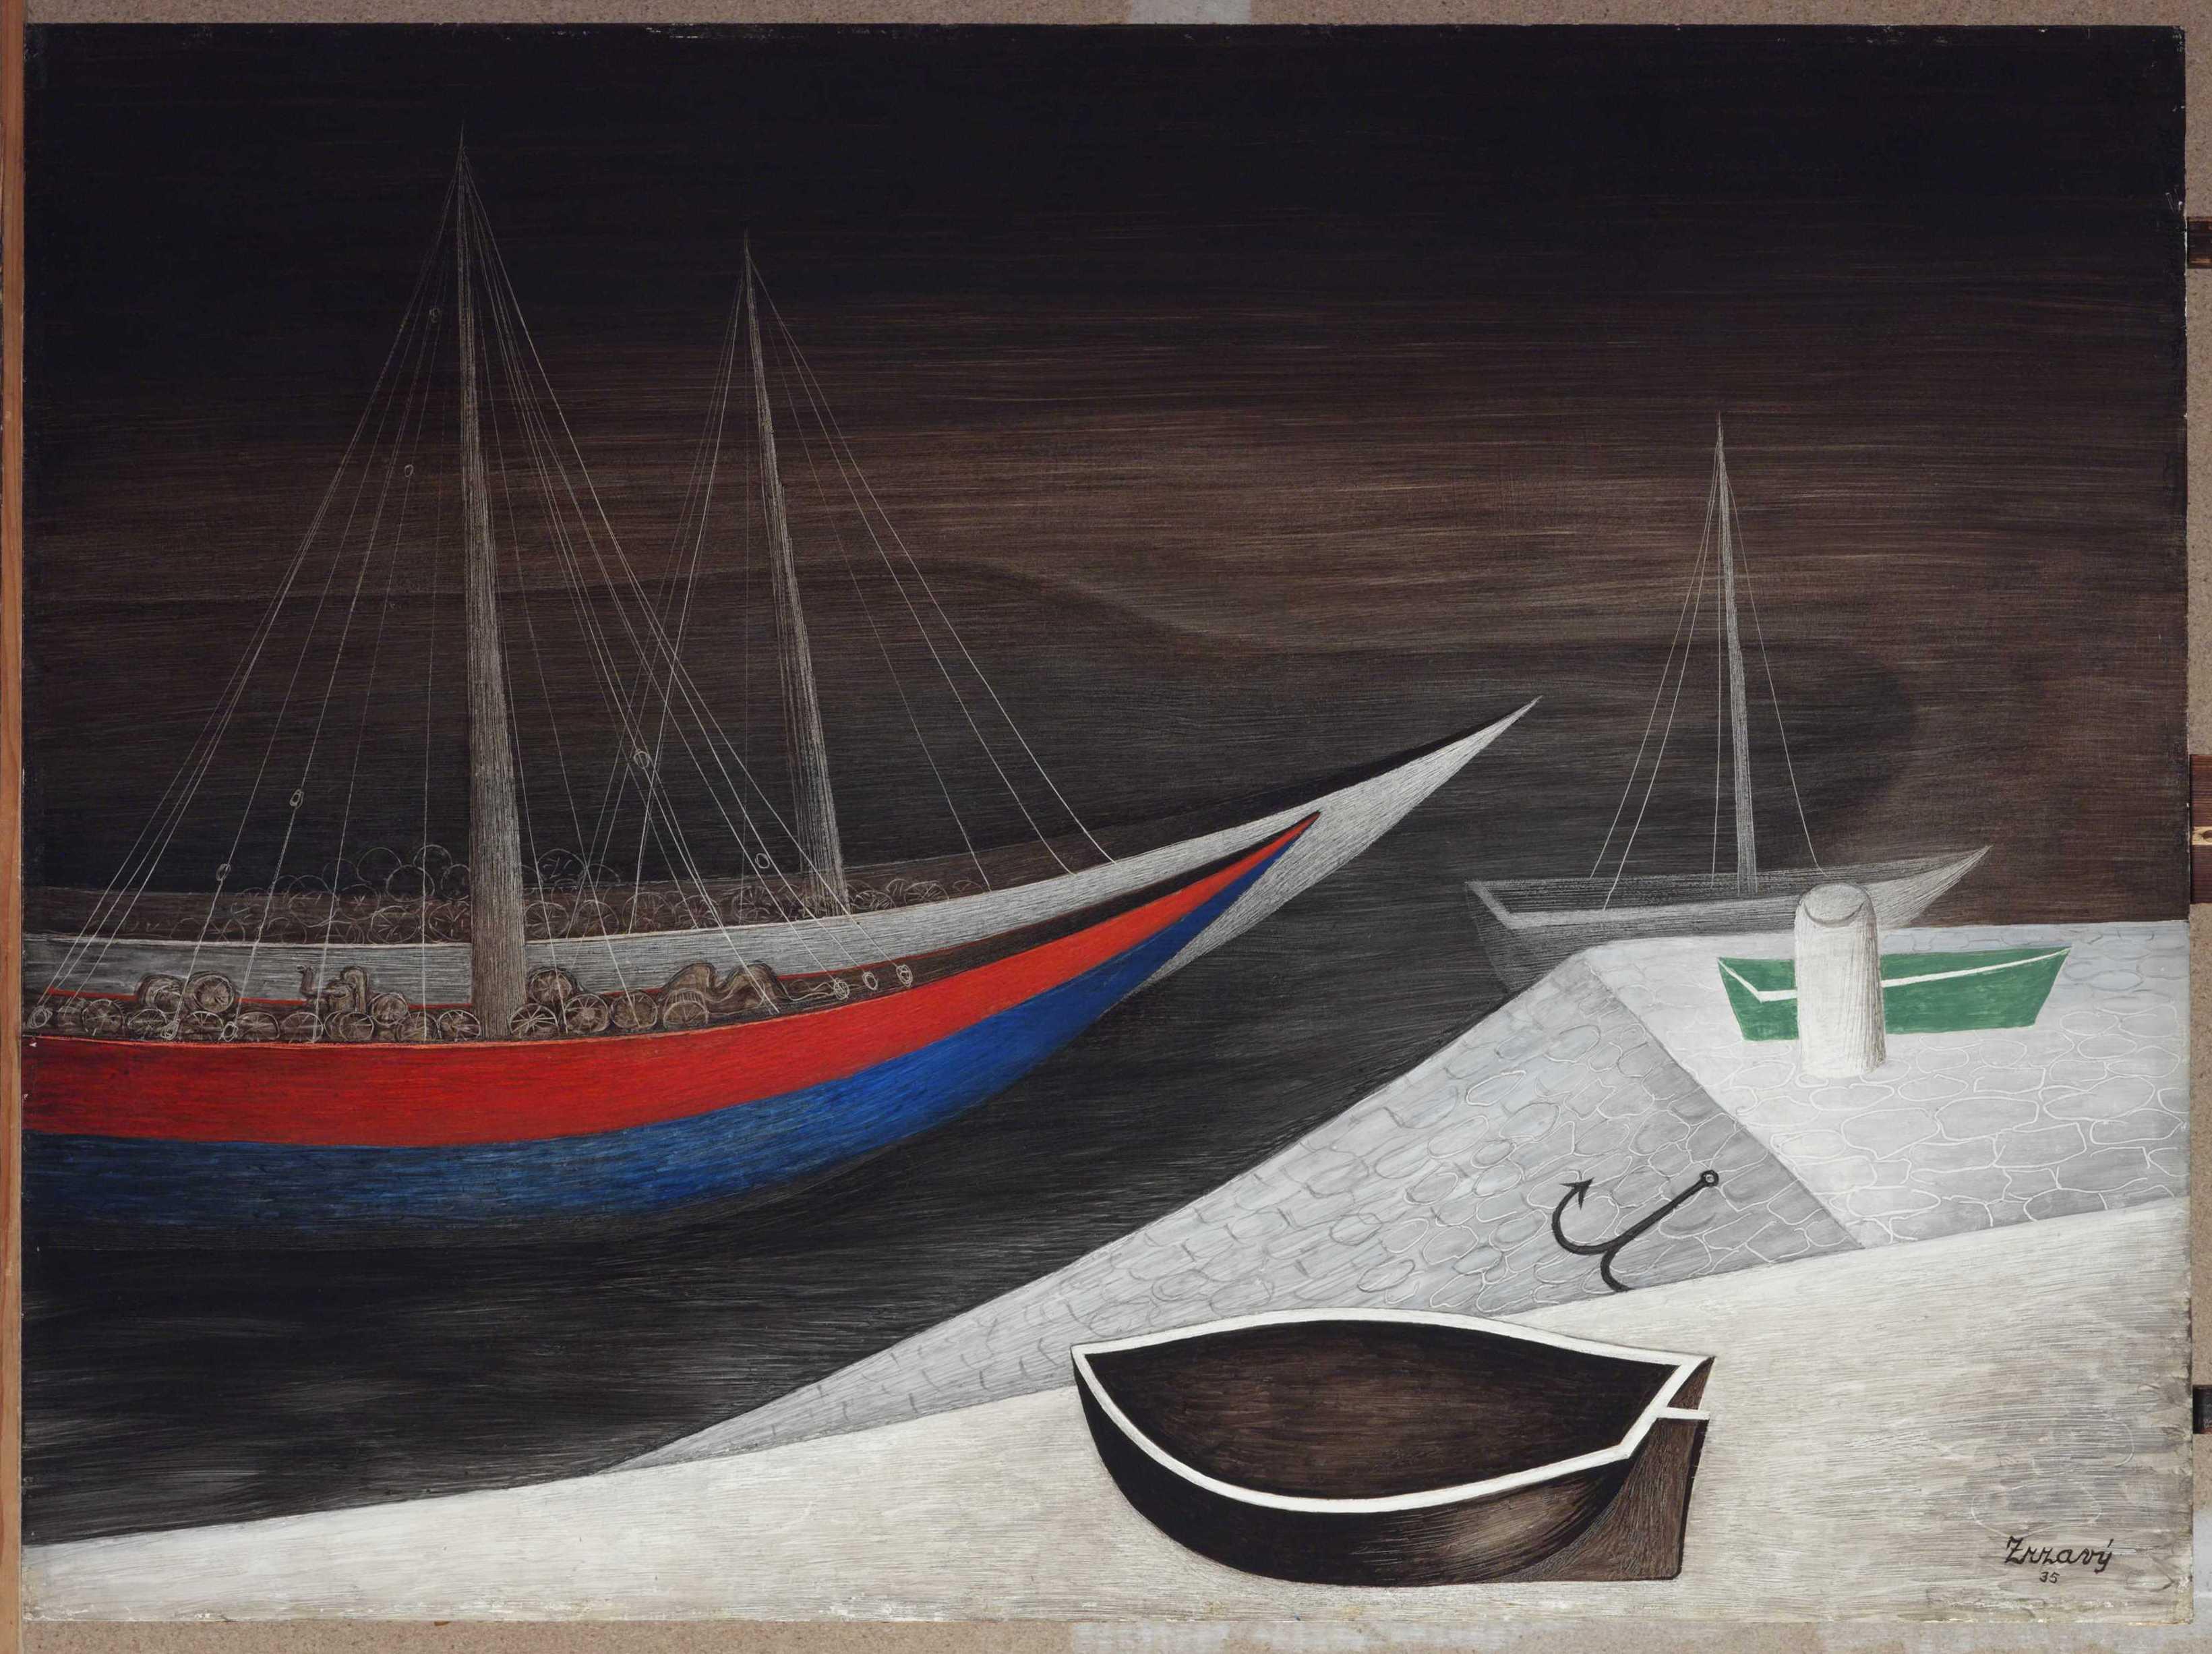 Výstava Bonjour, Monsieur Gauguin